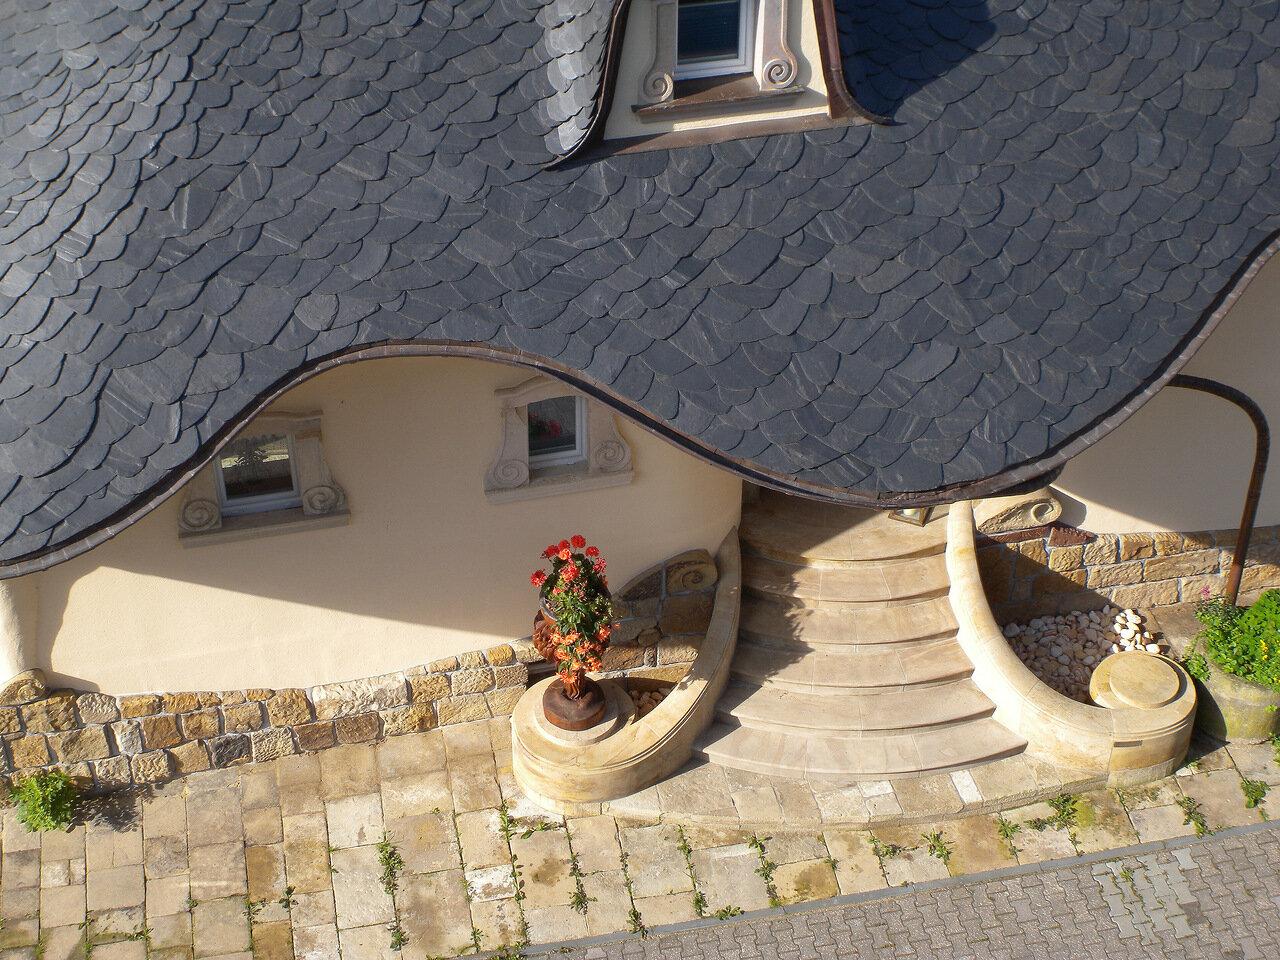 Впечатляющая архитектура дома в Германии (18 фото)